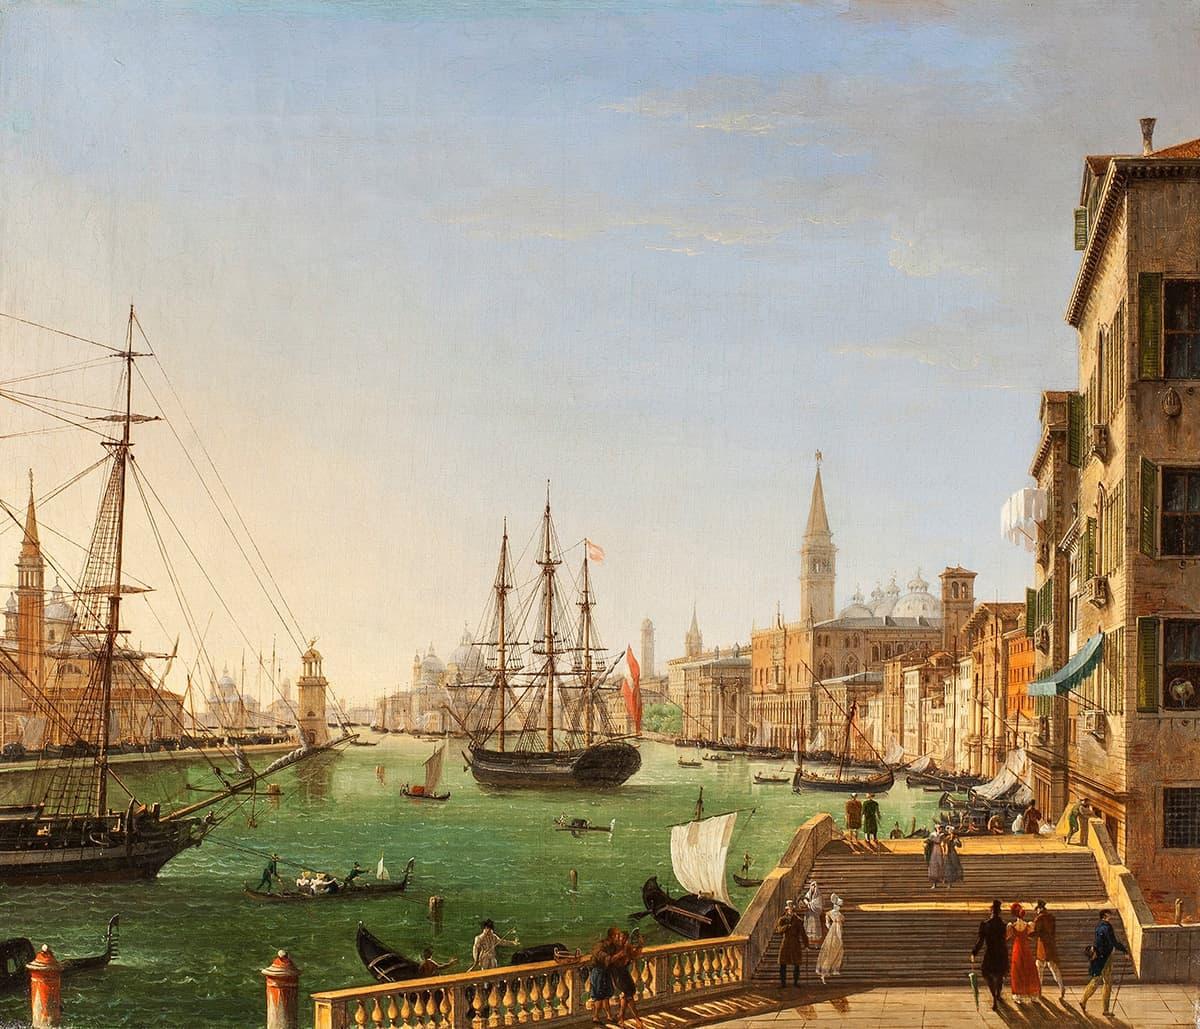 A View of Venice by Giuseppe Borsato, 1821 at Rafael Valls Ltd.